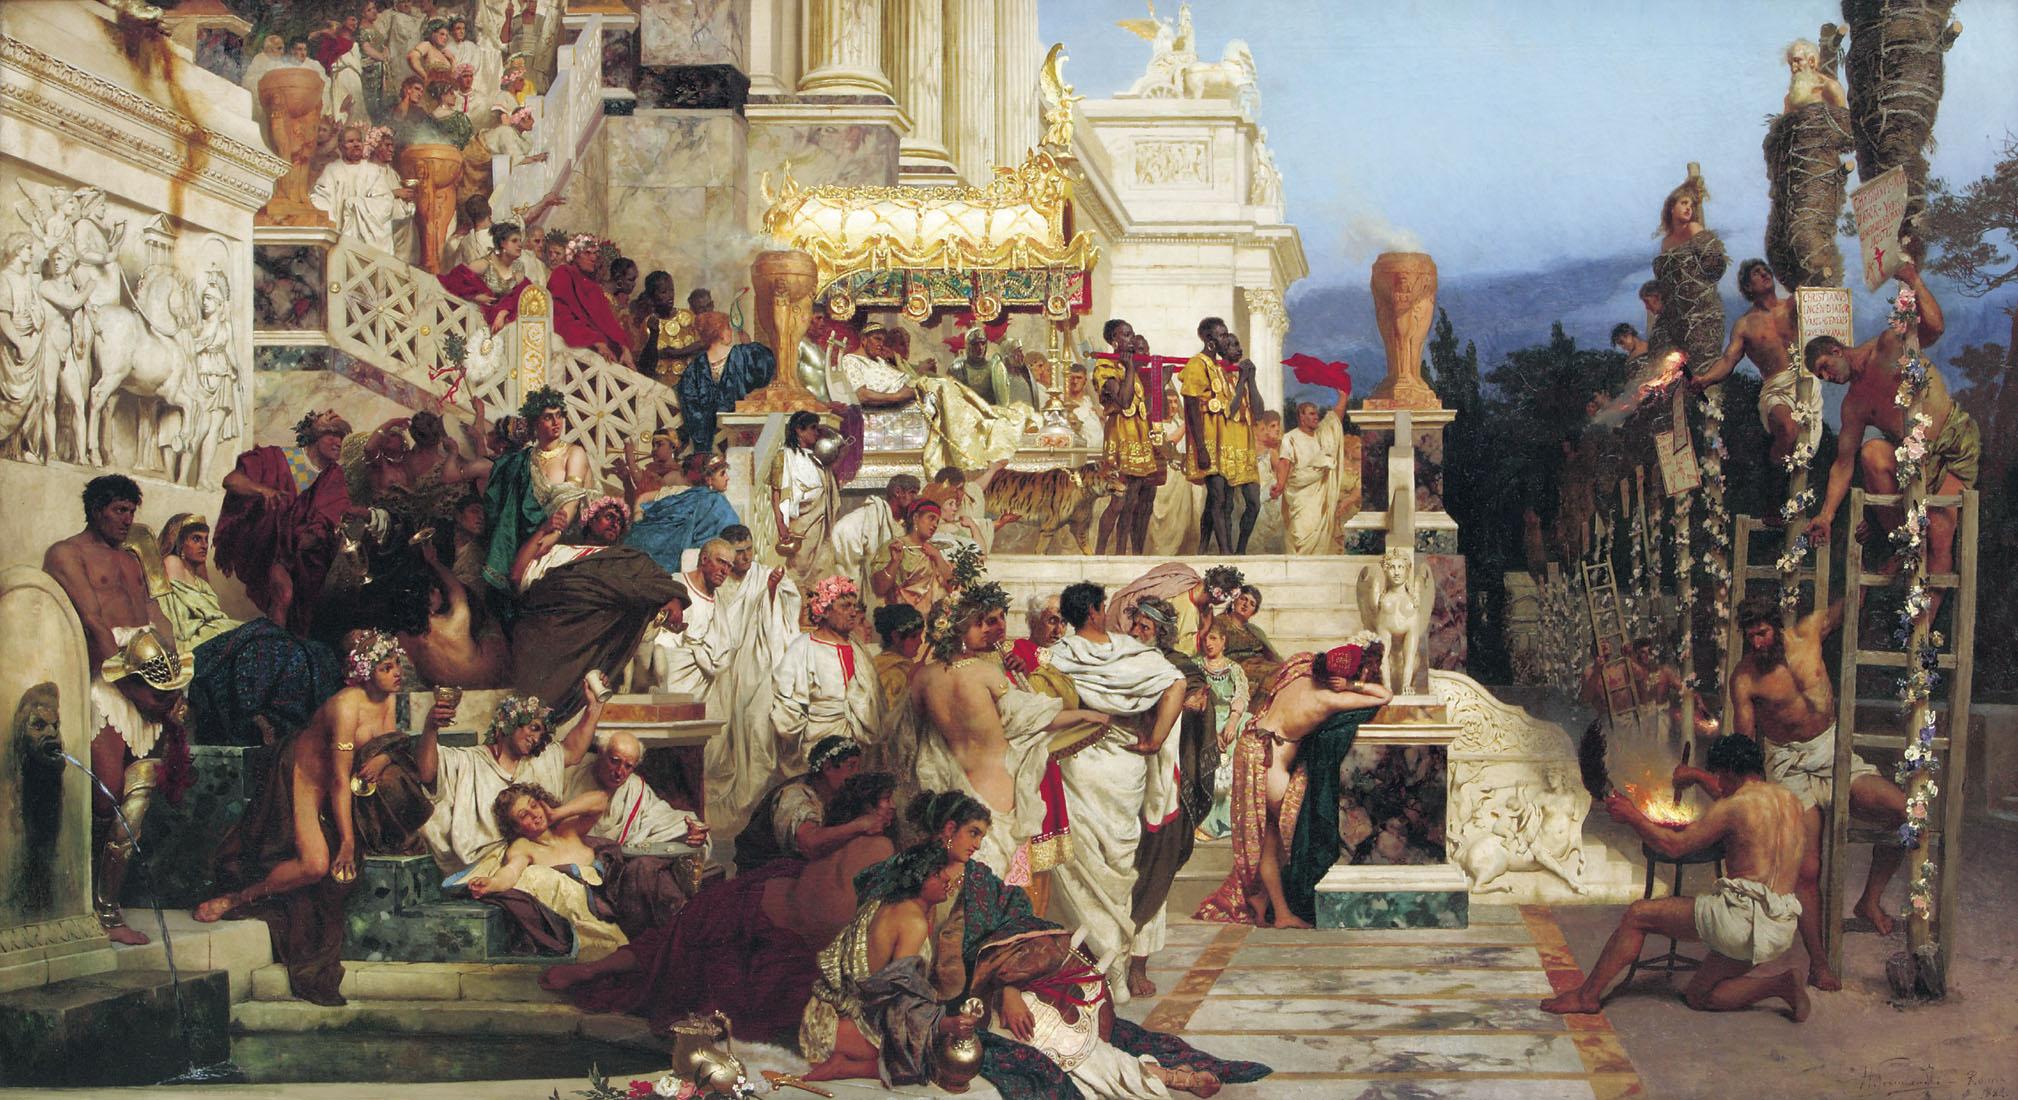 «Светочи христианства (Факелы Нерона)». Картина Генриха Семирадского, 1882